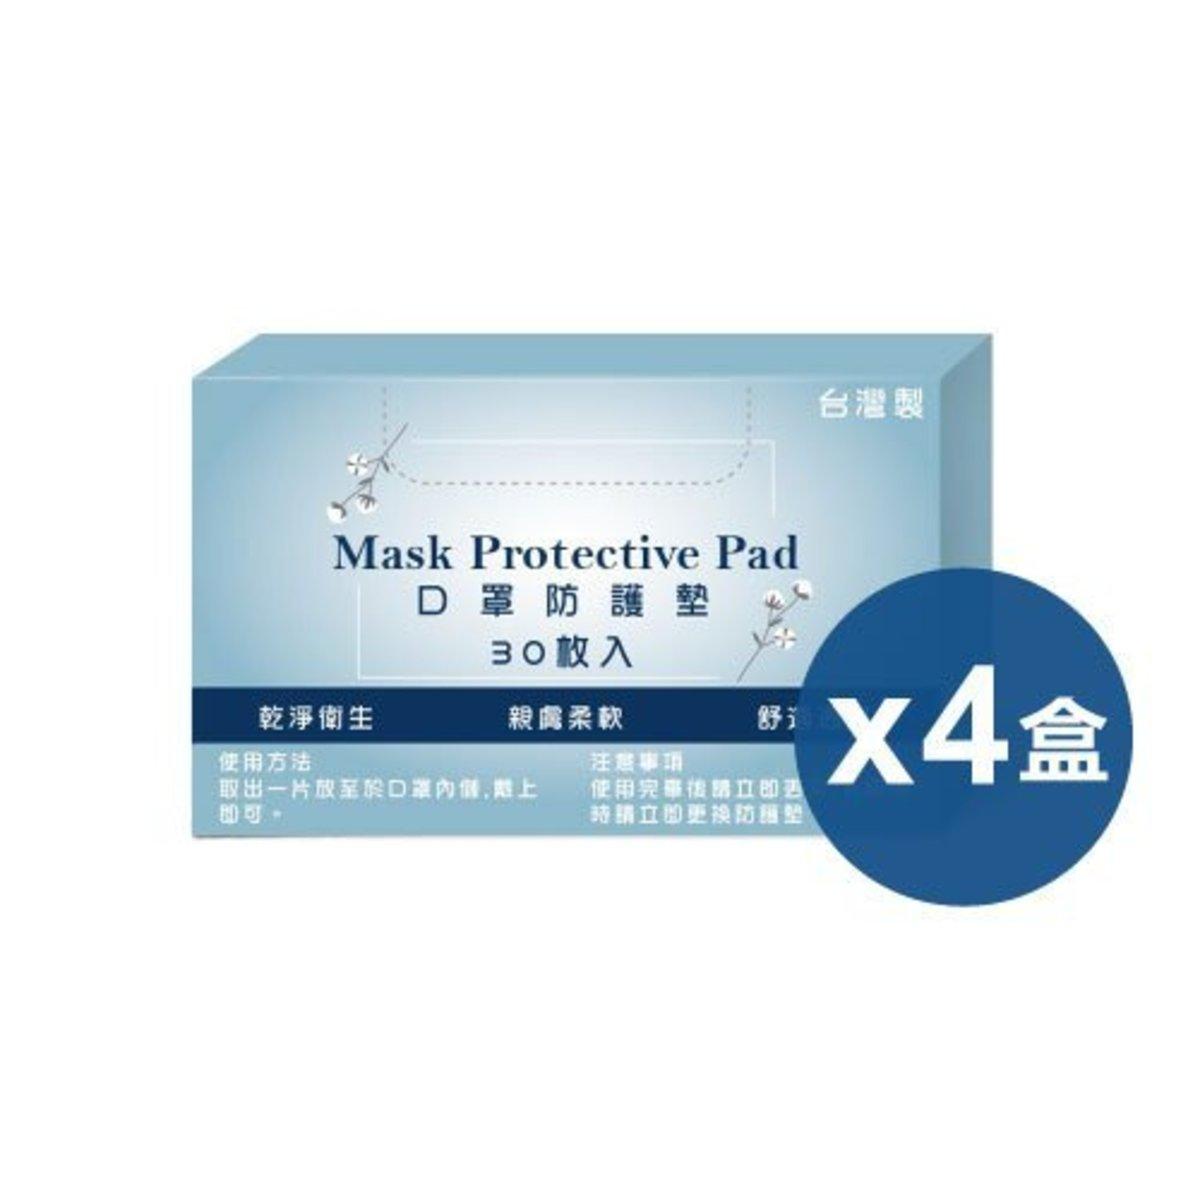 台灣製口罩防護墊 ( 30片裝/盒) x 4